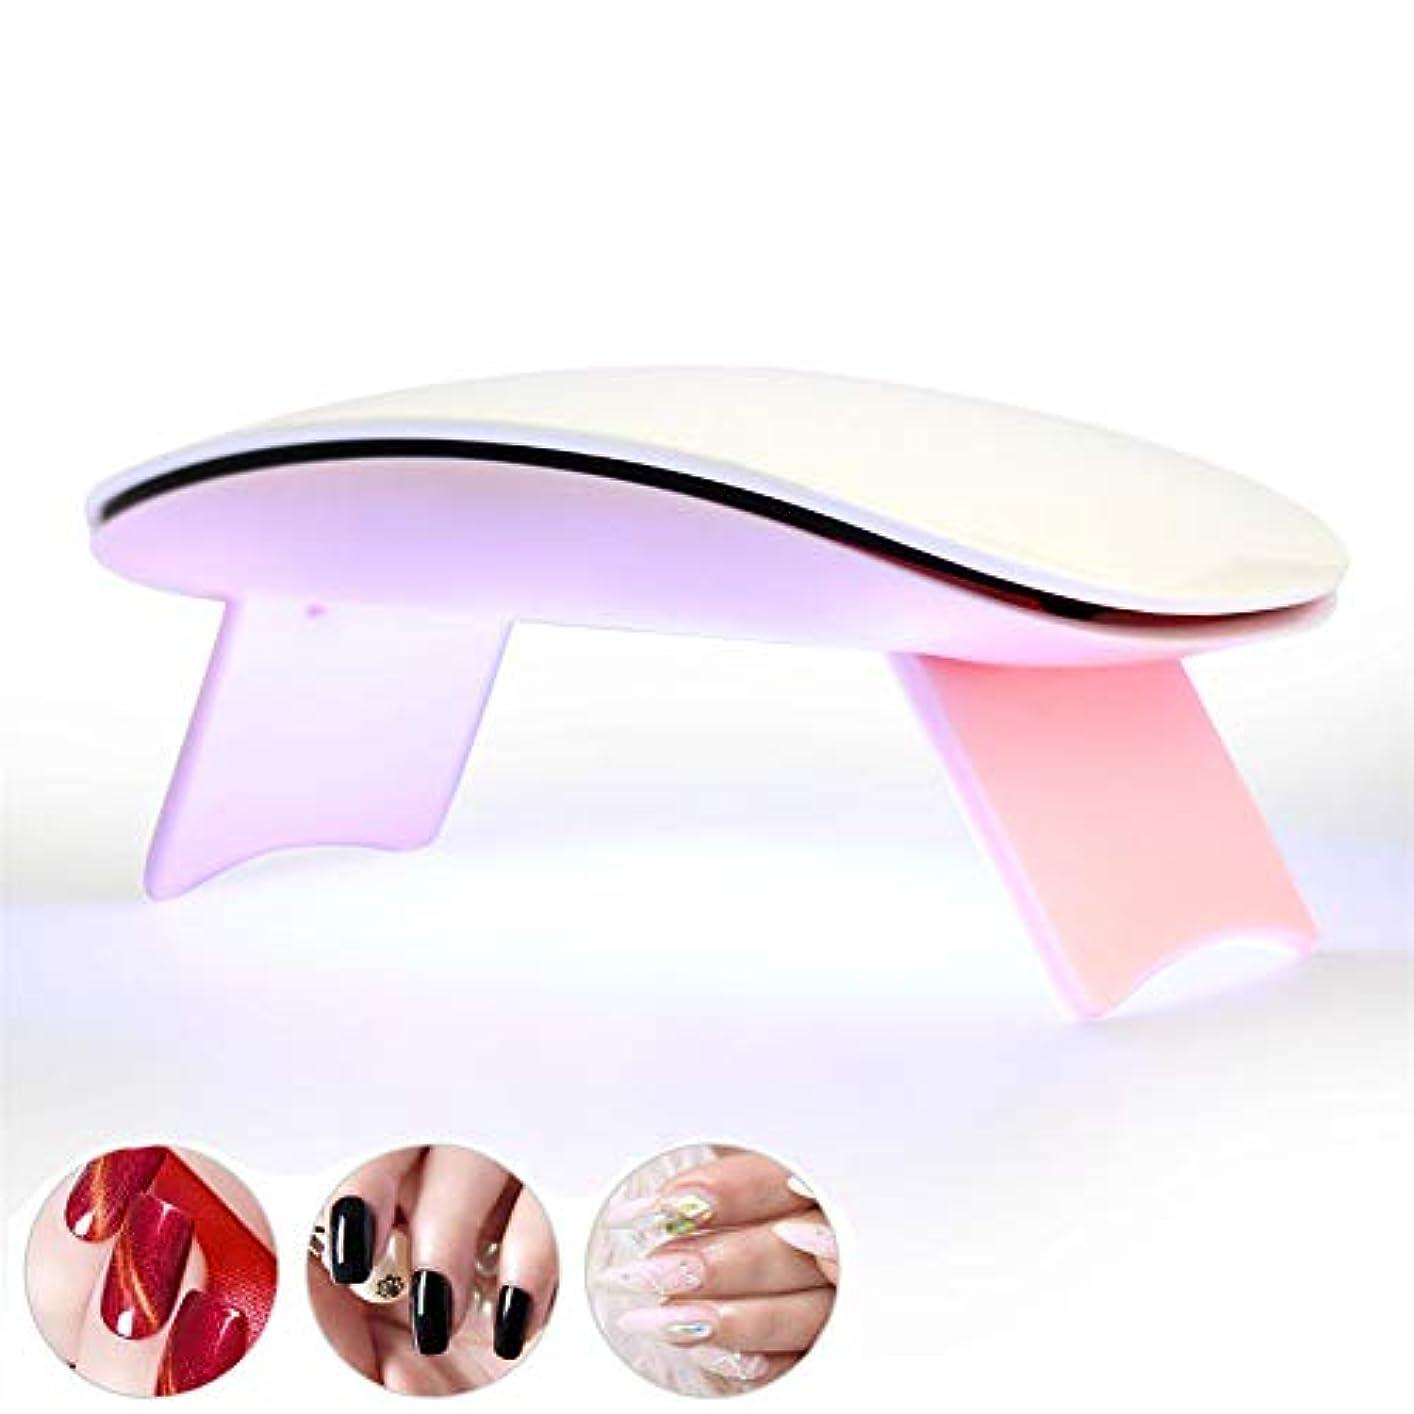 リットル記念文明化ネイル用ランプマニキュア用UVランプネイルドライヤー6WポータブルUV LED USBバッテリーマシンセラピー付ジェルポリッシュ用ニスランプ,ピンク